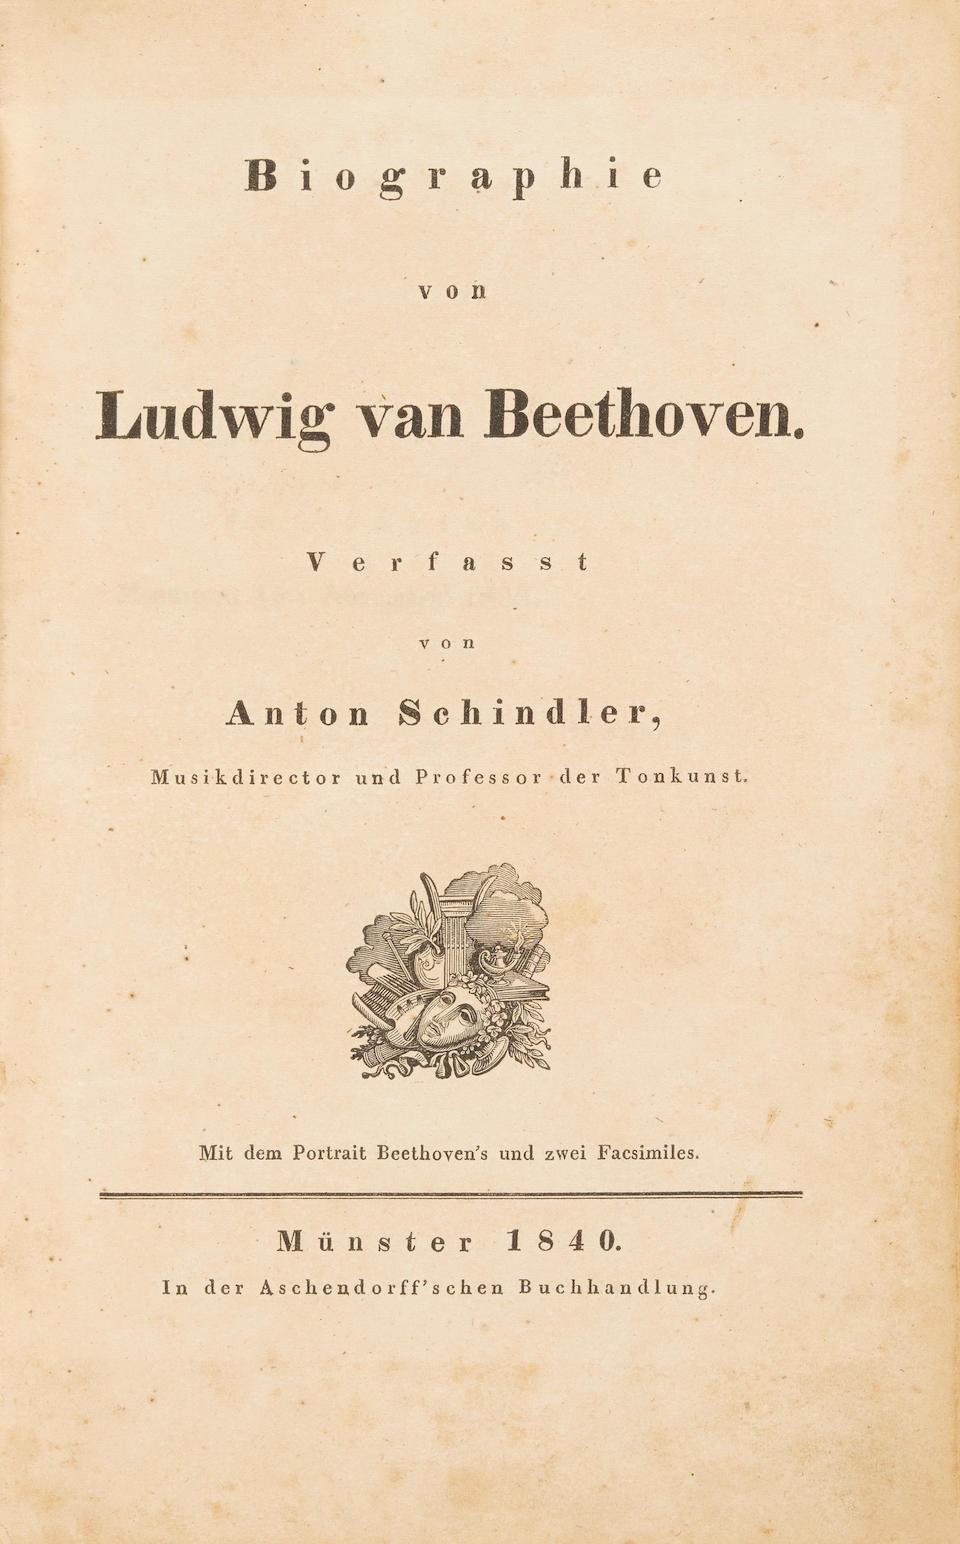 MAHLER, GUSTAV. 1860-1911. Schindler, Anton Biographie von Ludwig van Beethoven.  Munster: Aschendorff, 1840.